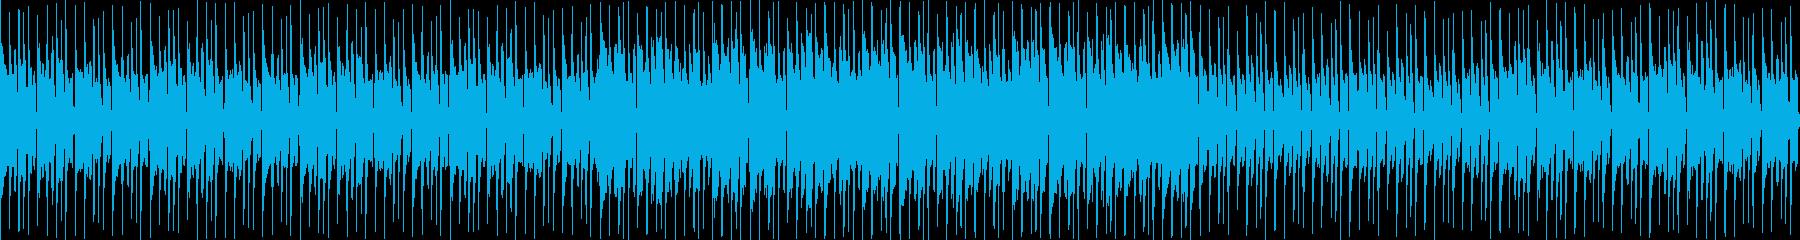 レースゲームのメニュー画面を想定した曲の再生済みの波形